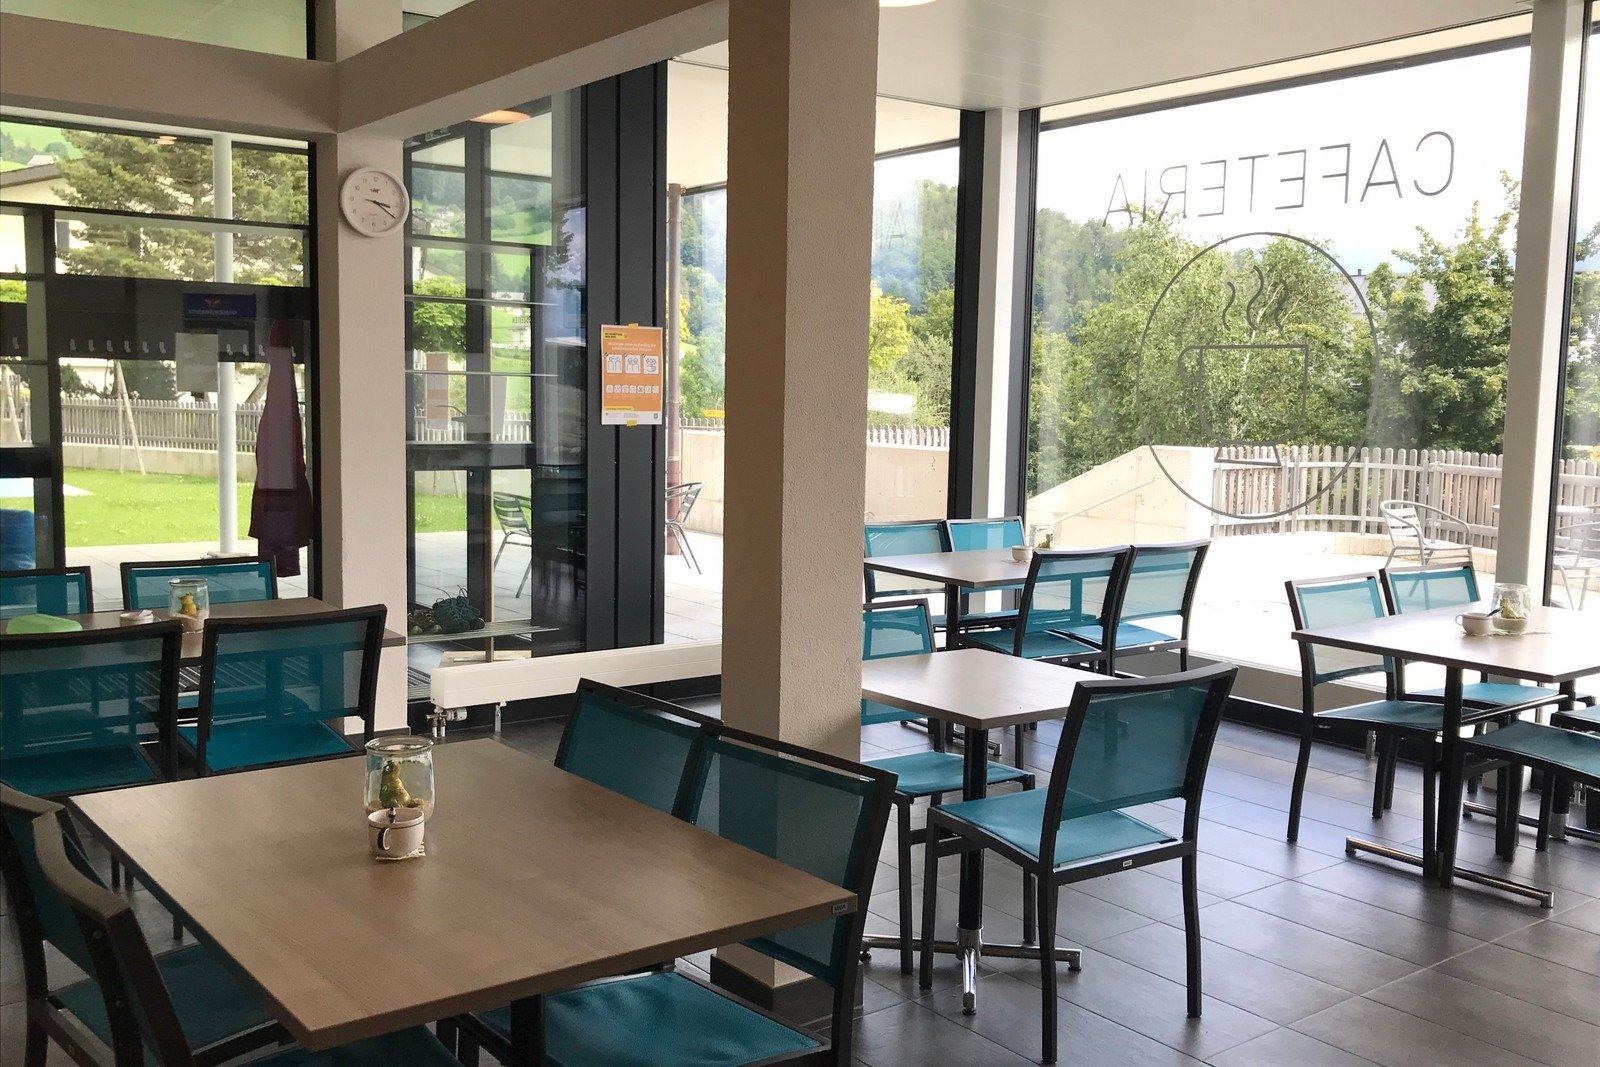 Nach dem Hallenbadbesuch in Amden lädt die Cafeteria auf einen Kaffee oder Erfrischungsgetränk ein.